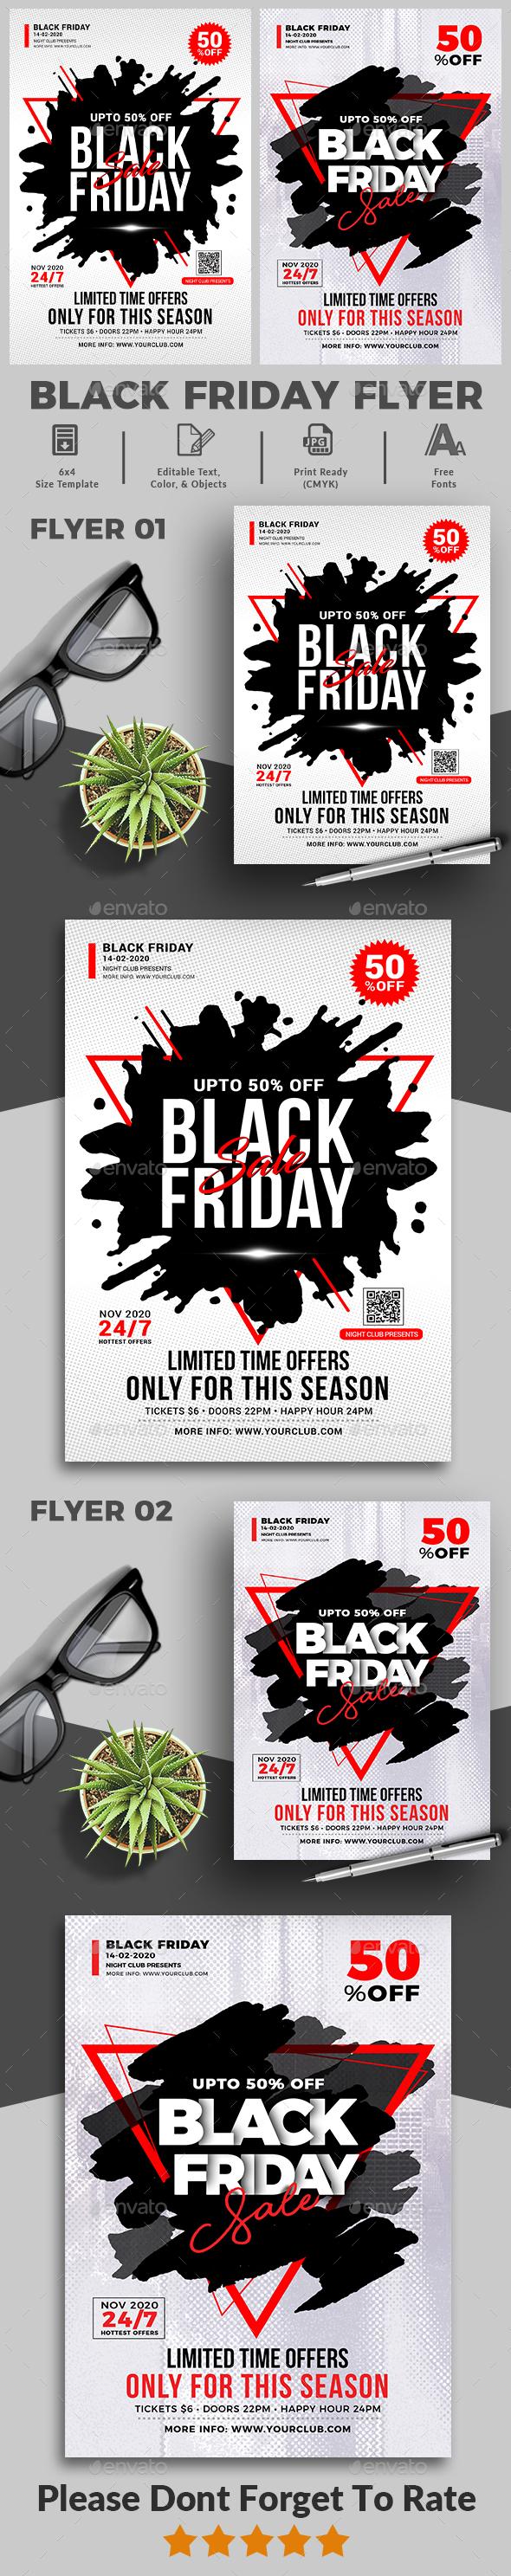 Black Friday Sale Bundle